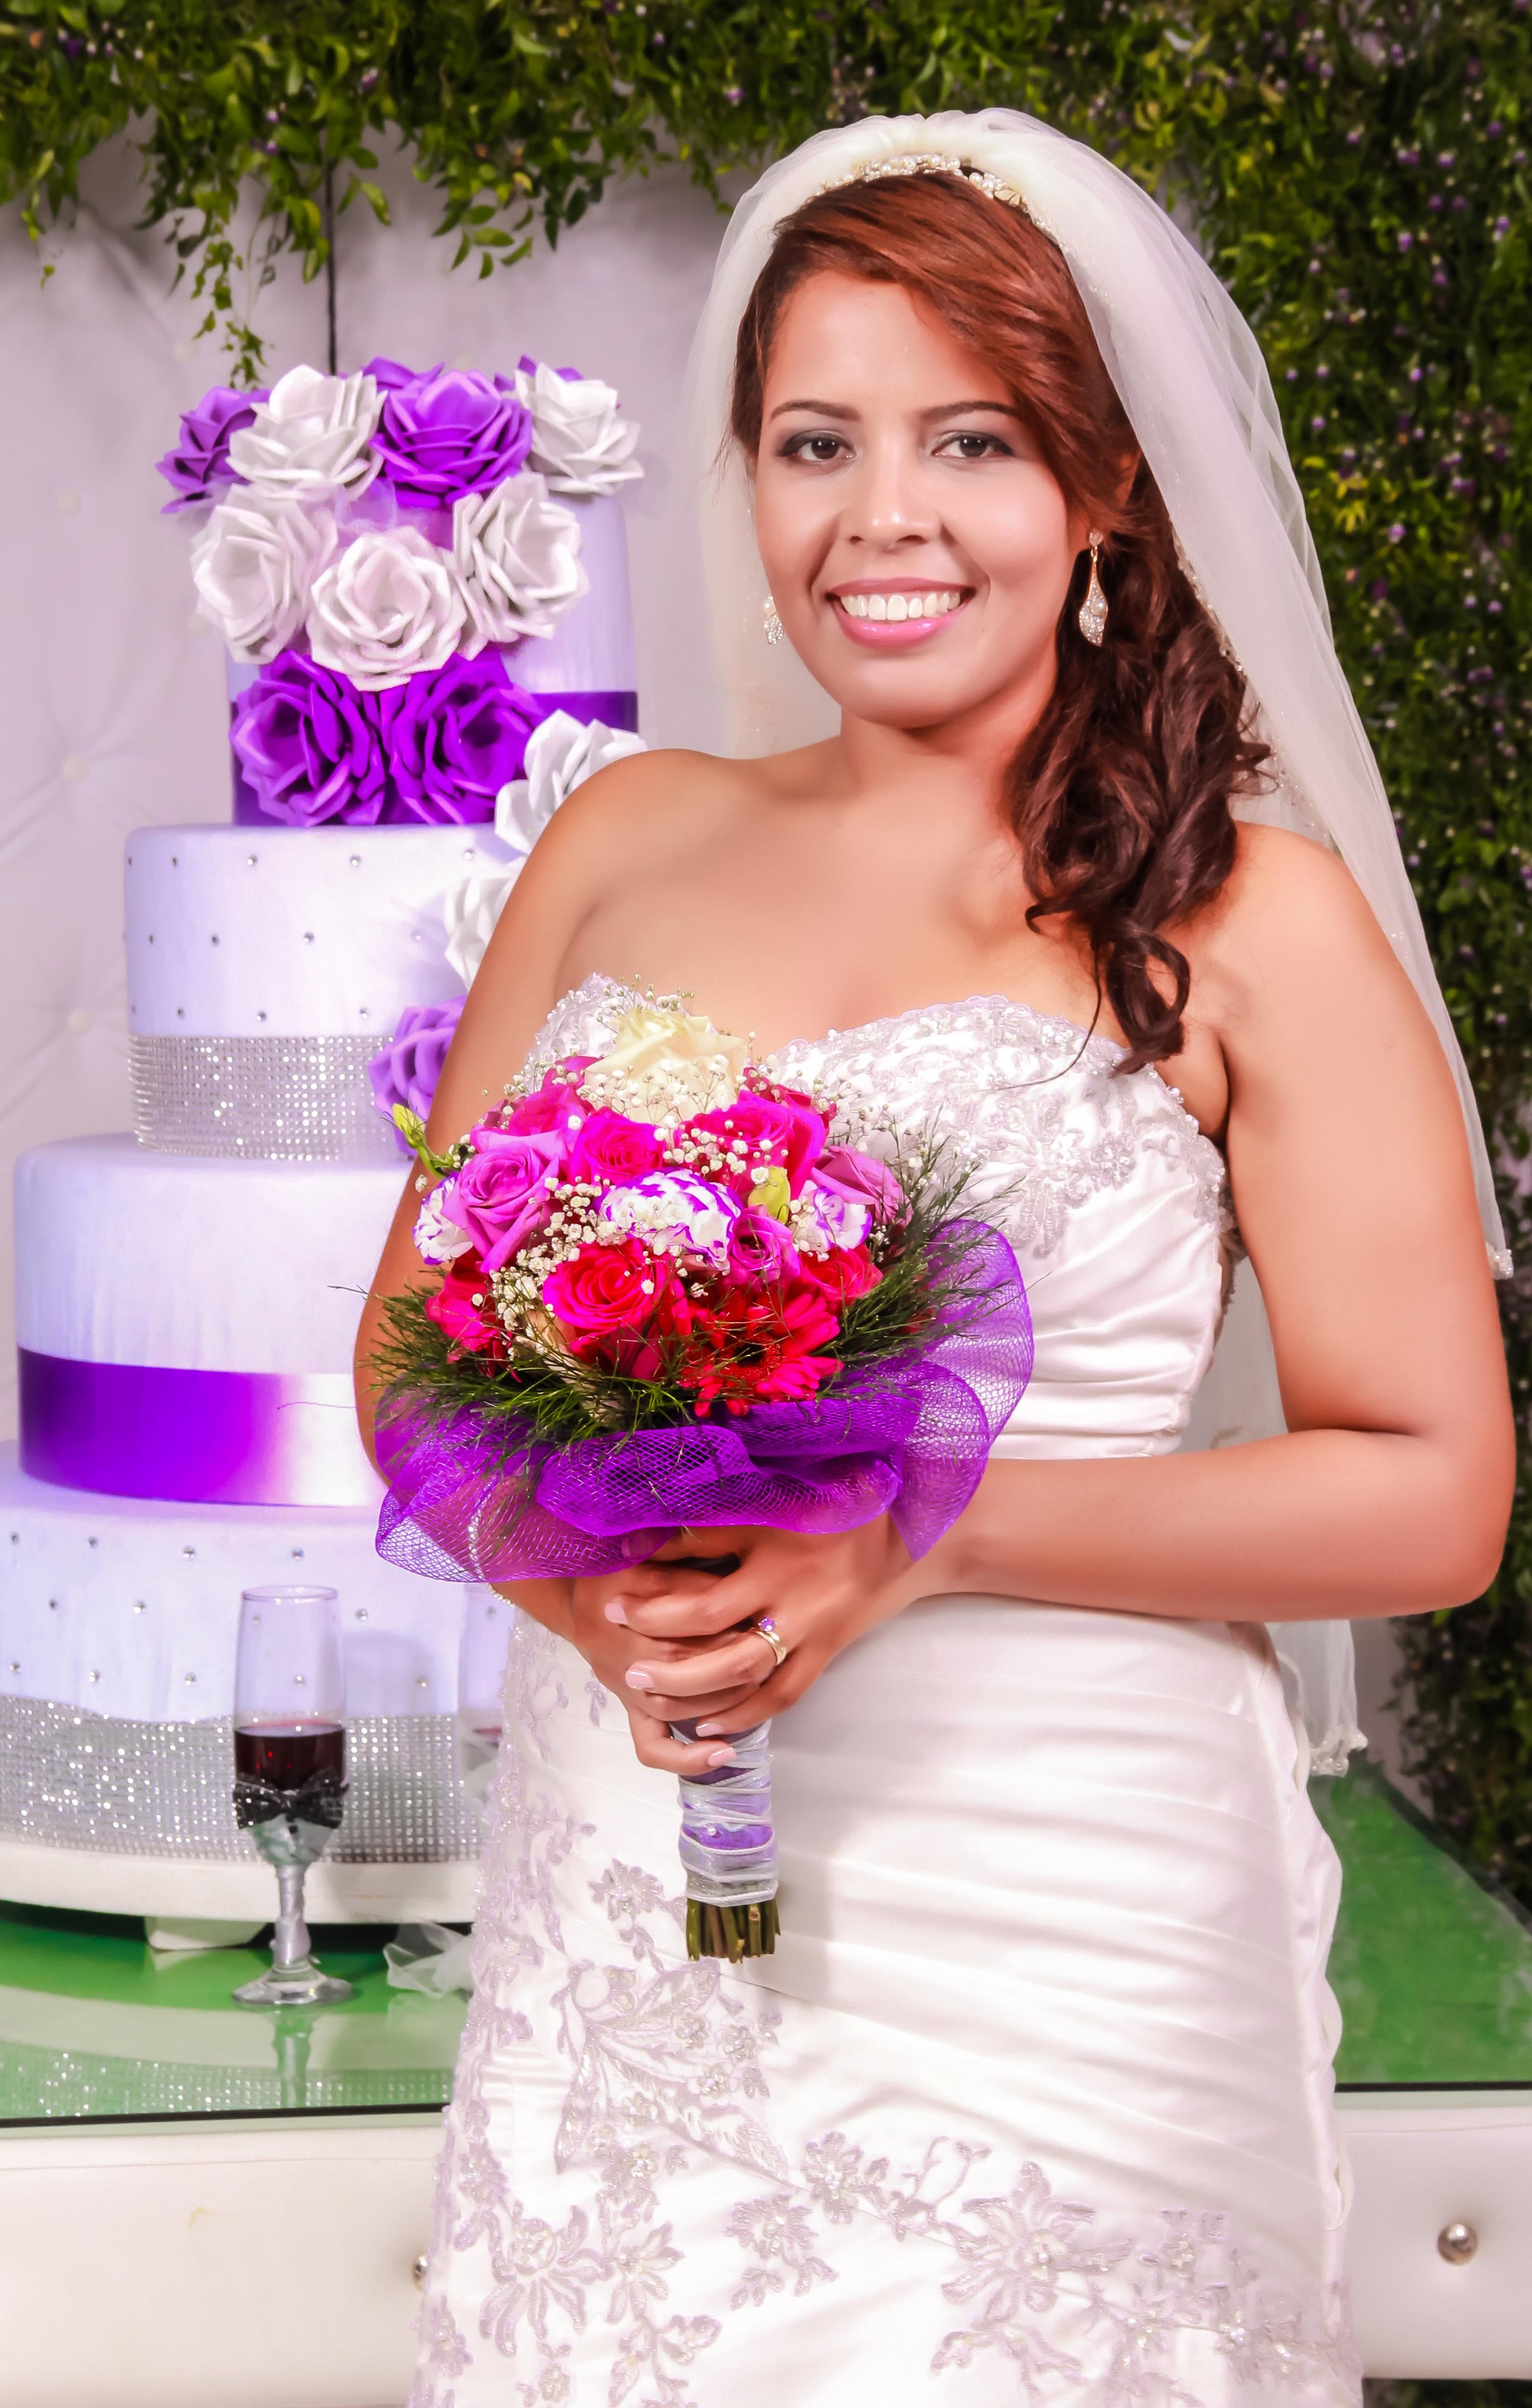 Fotos gratis : mujer, flor, púrpura, rosado, Boda, vestido de novia ...